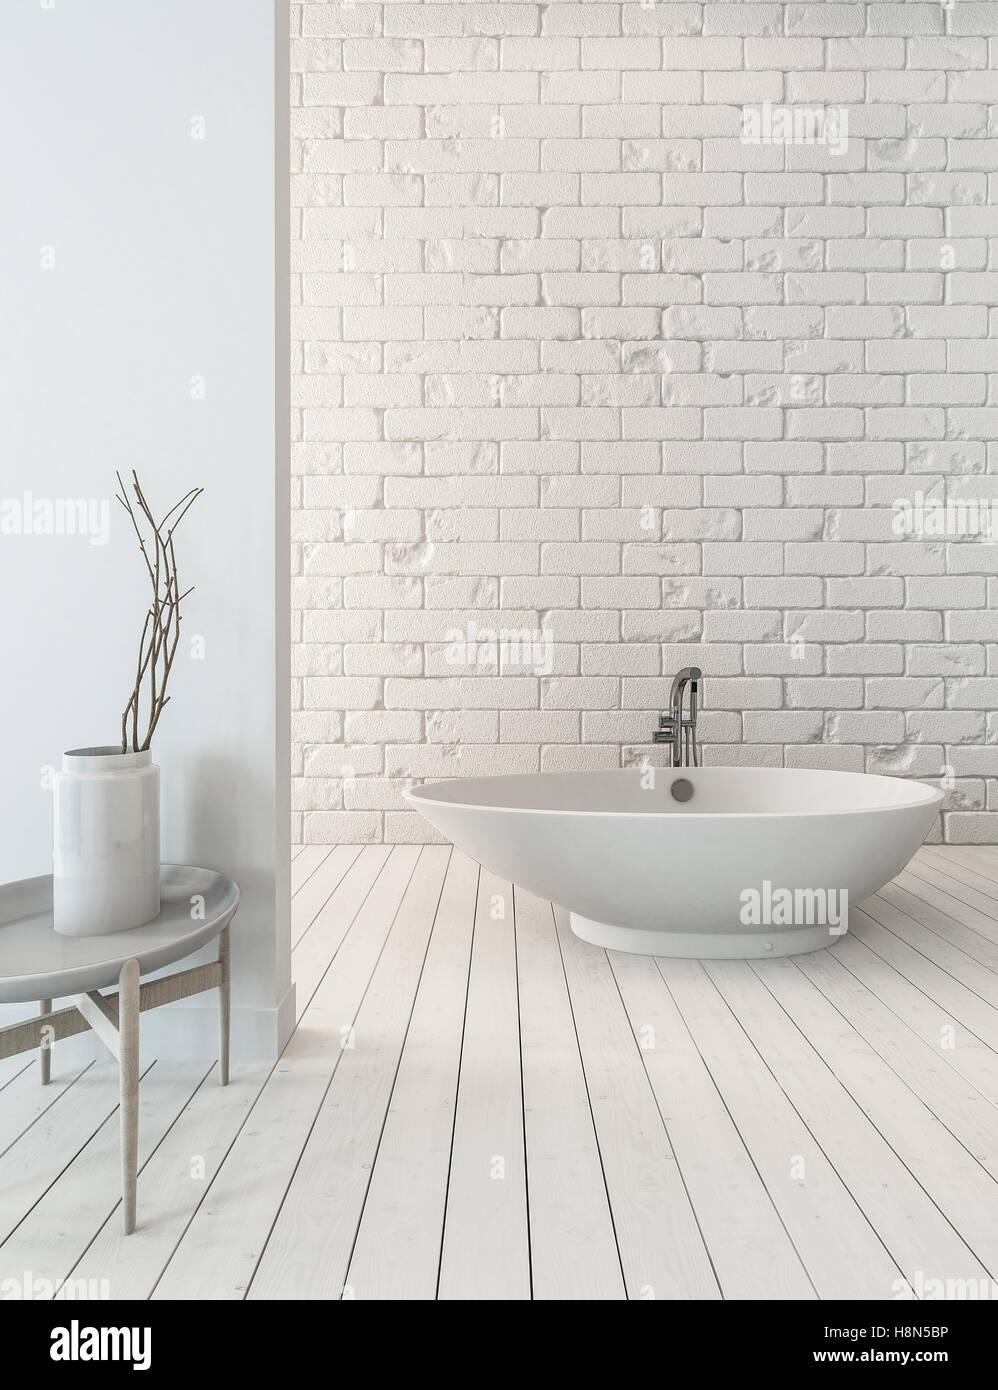 Dielenboden Badezimmer | 3d Rendering Schicke Badewanne Auf Holzernen Dielenboden Neben